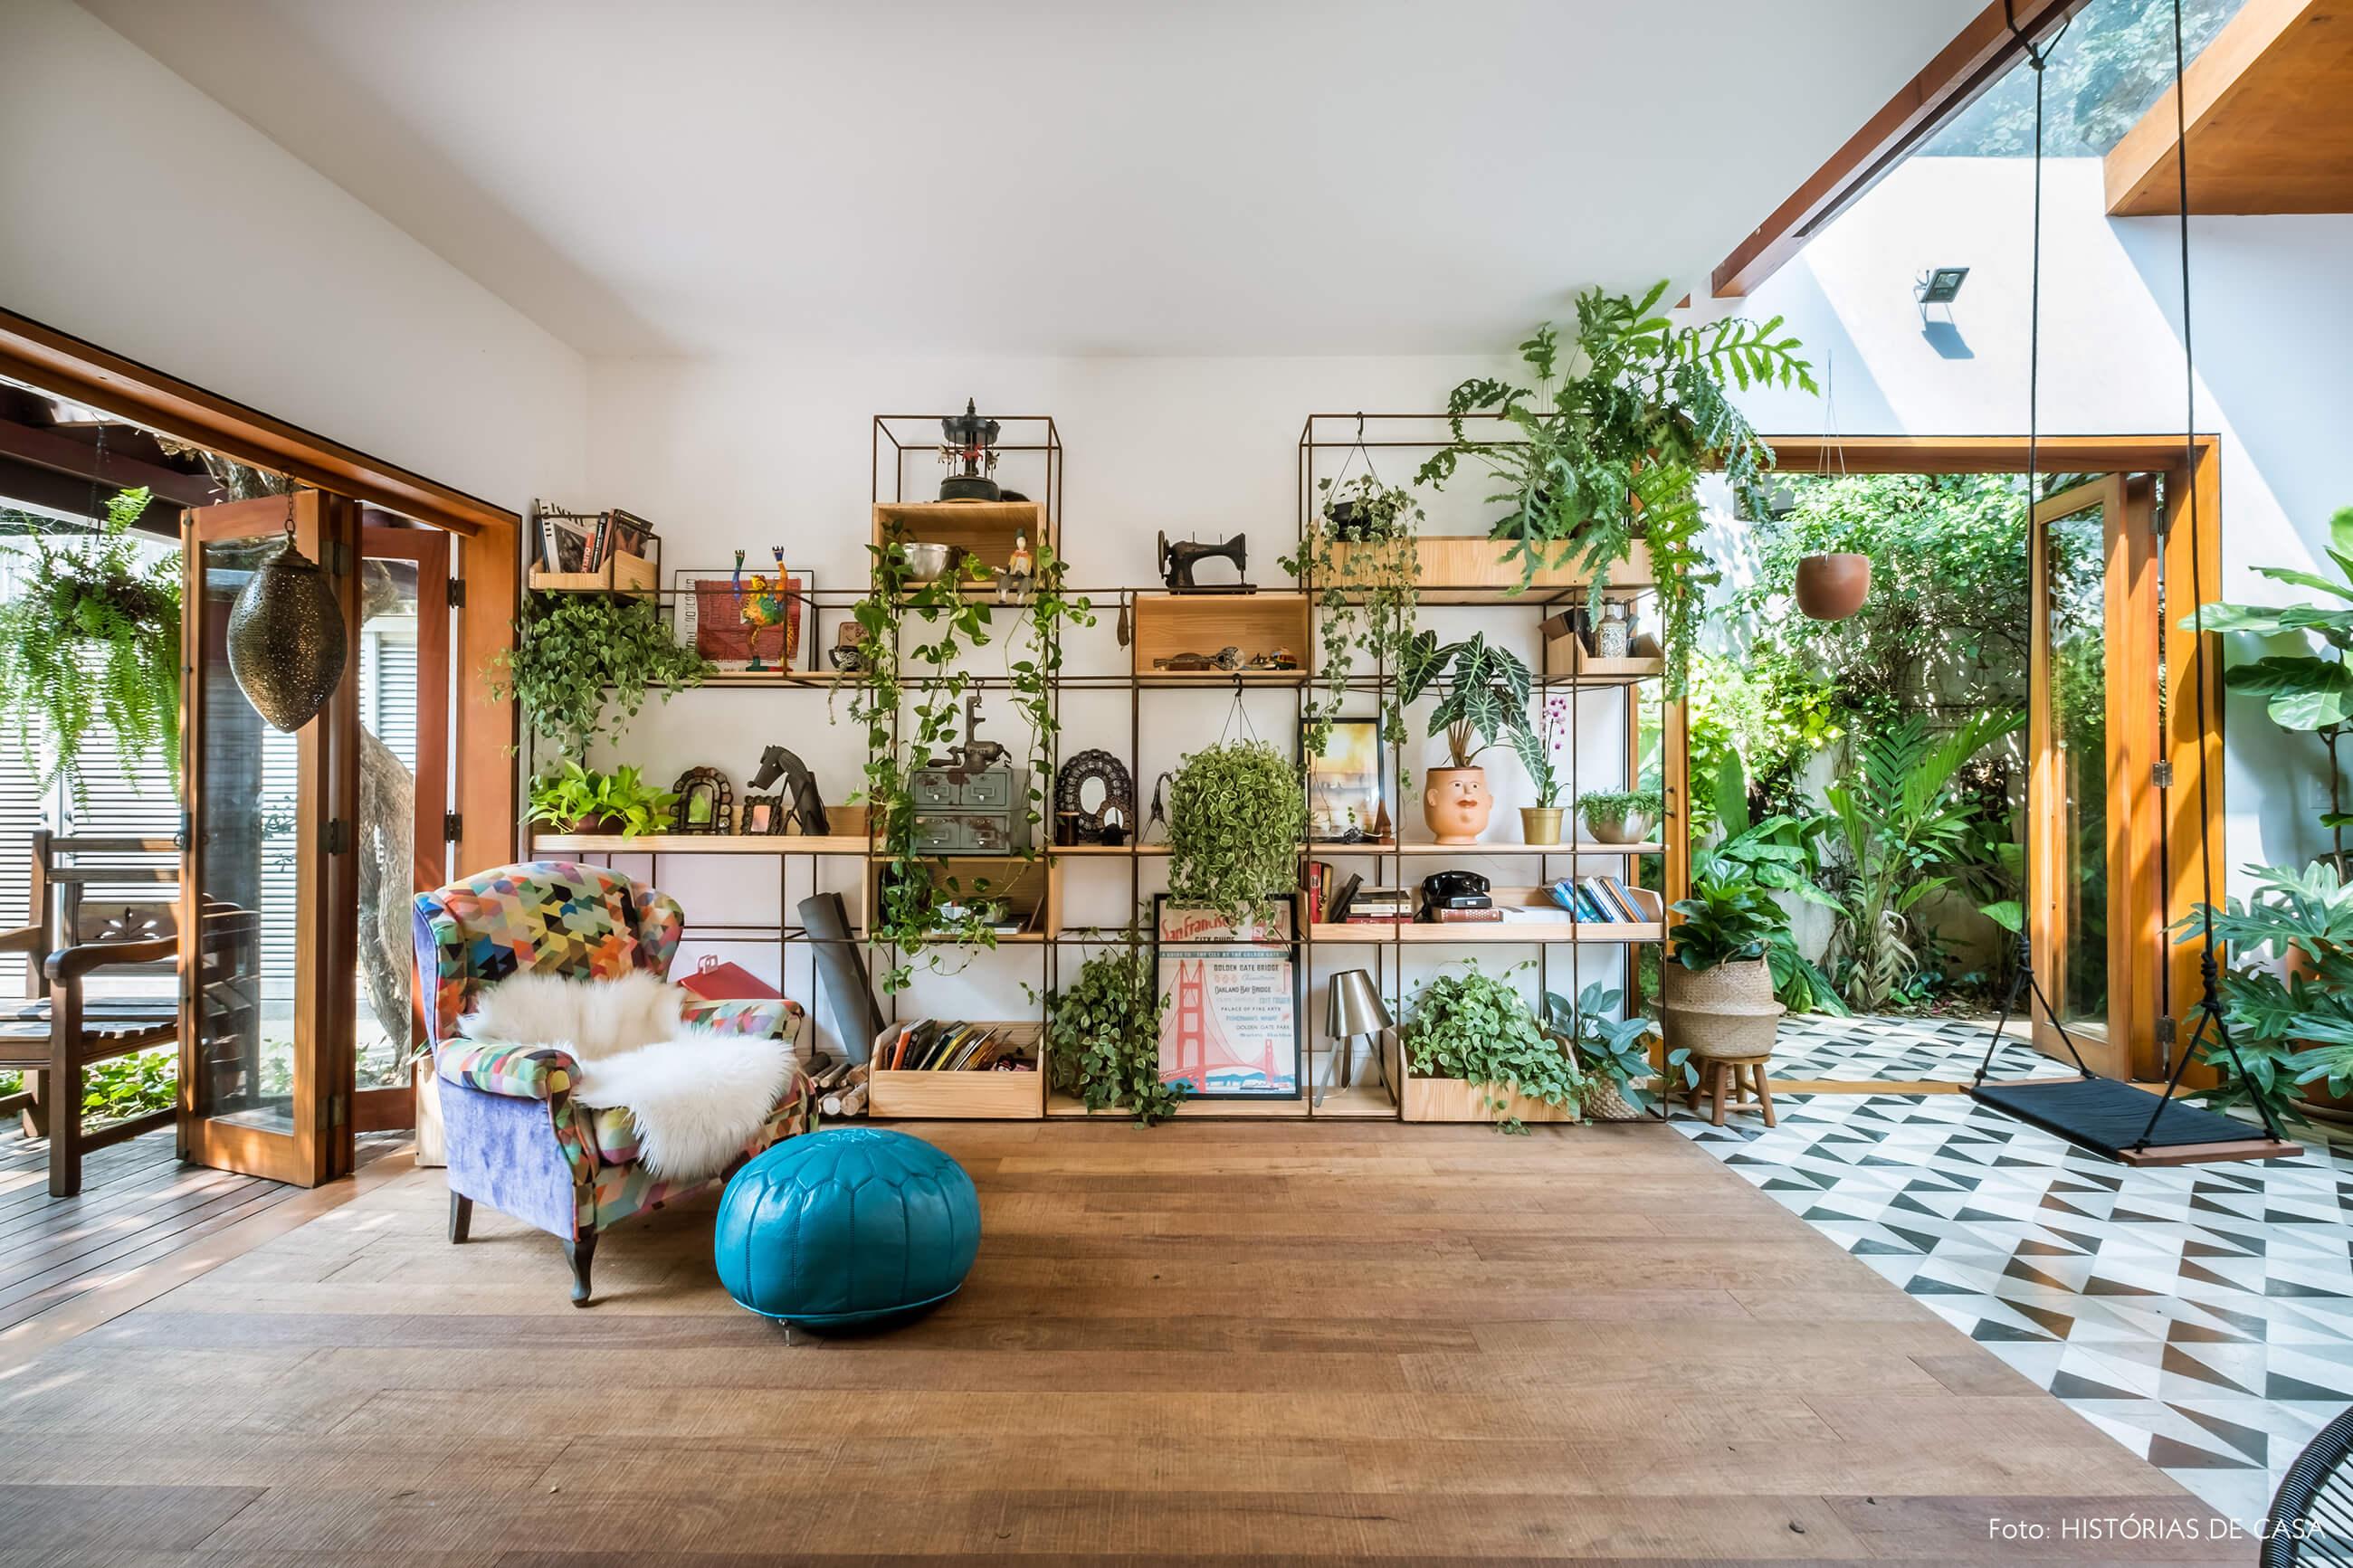 Sala integrada, estante com muitas plantas e piso de madeira de demolição.